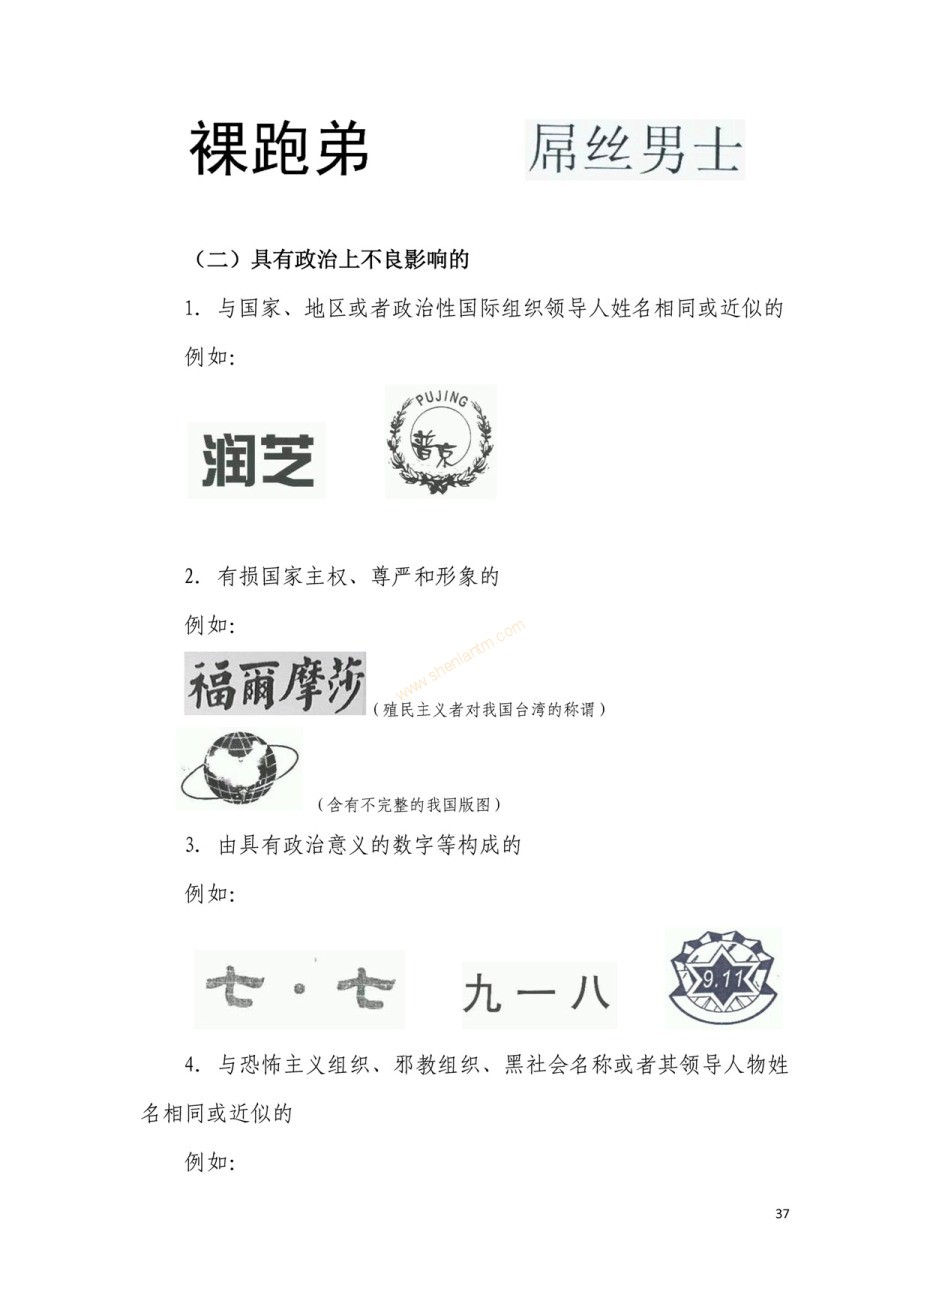 商标审查及审理标准2016版_页面_037